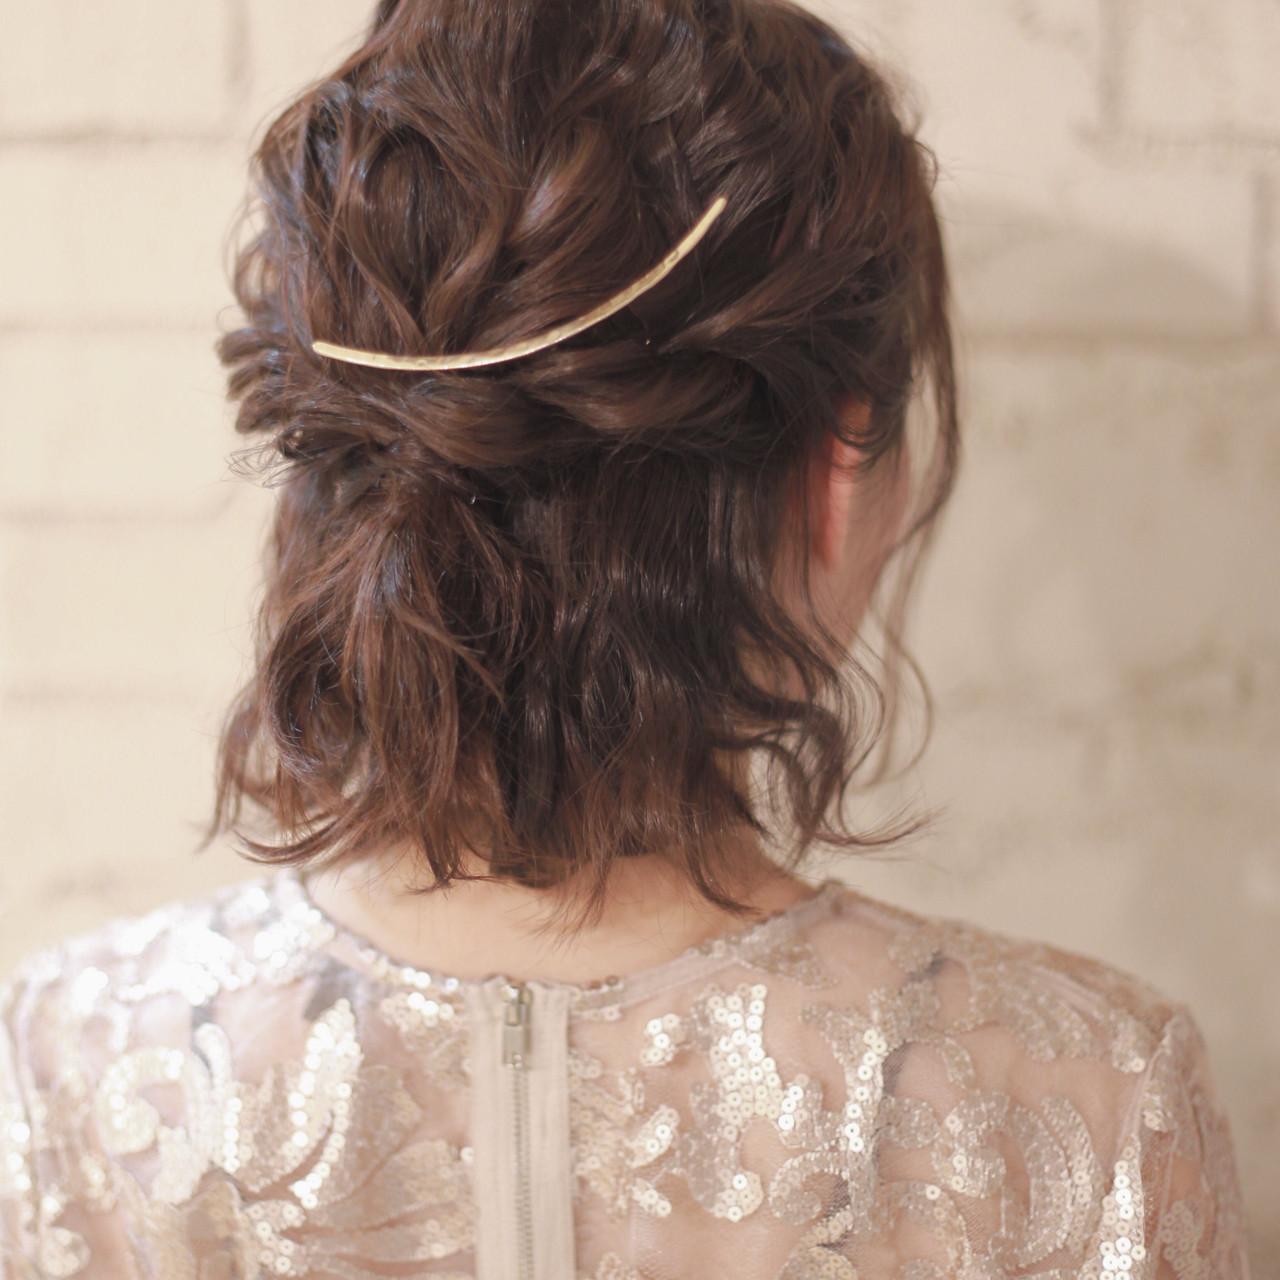 ショート 成人式 結婚式 簡単ヘアアレンジ ヘアスタイルや髪型の写真・画像